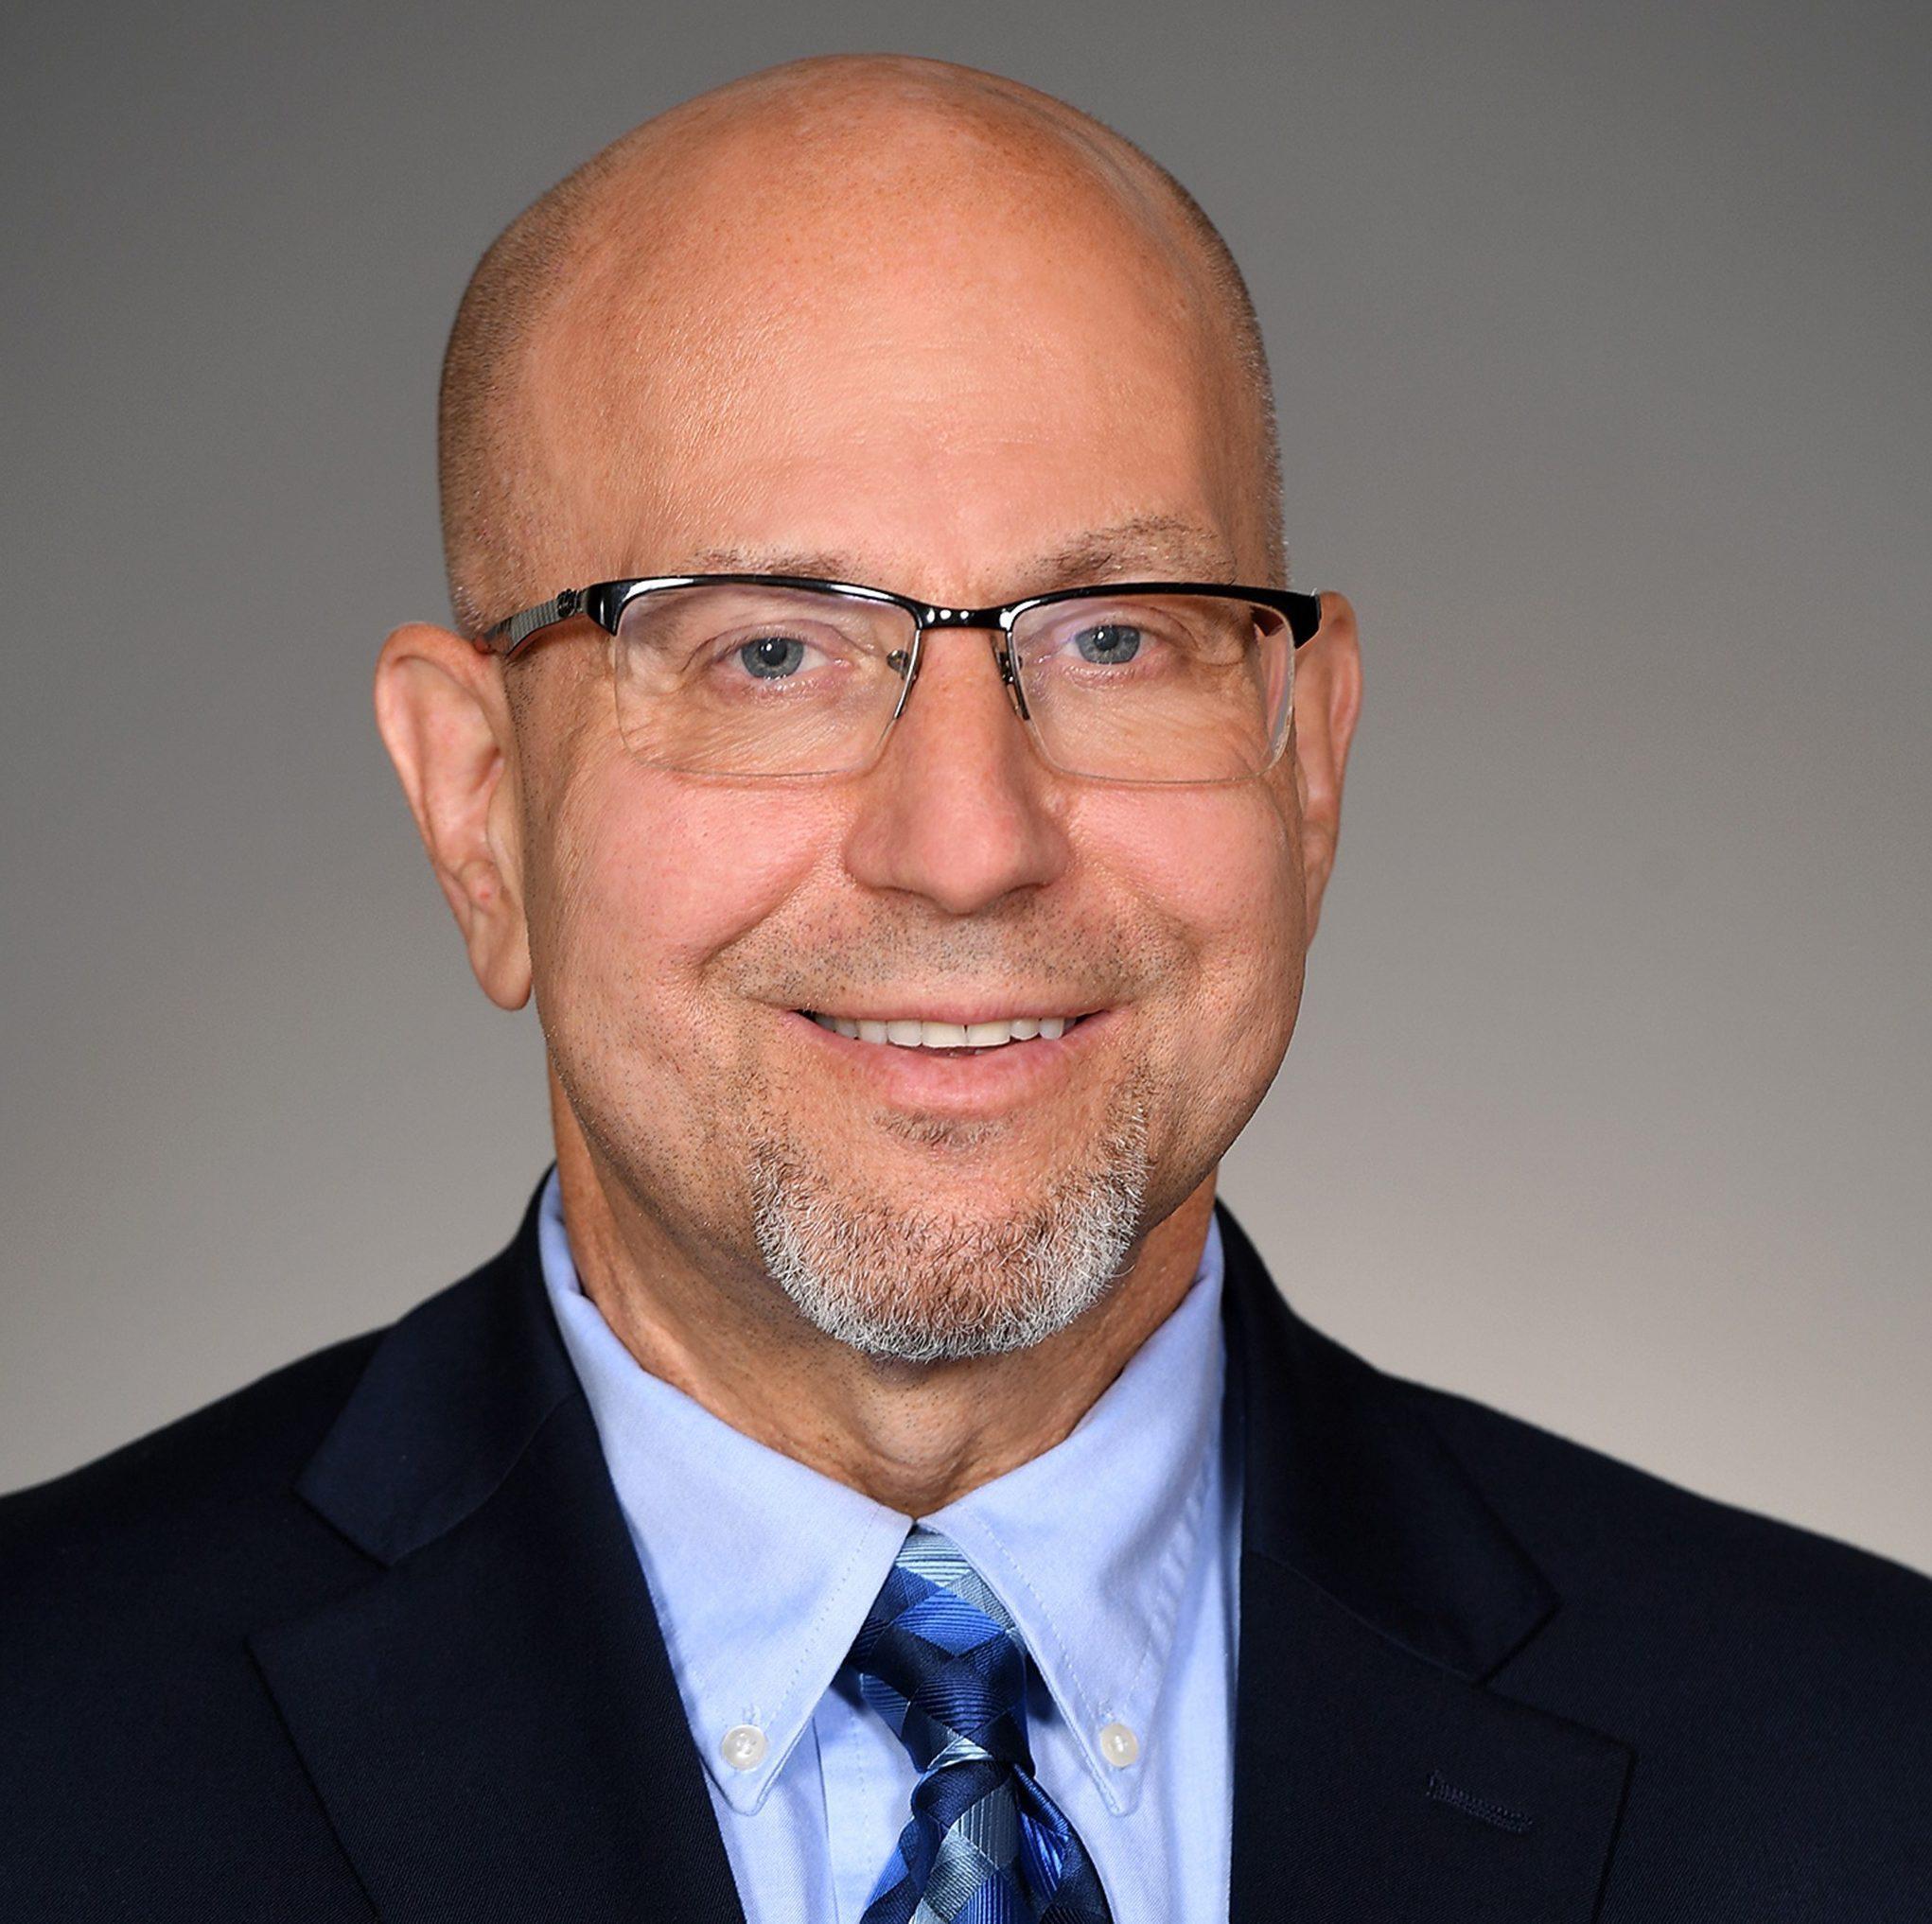 Dr. Joseph Garbely